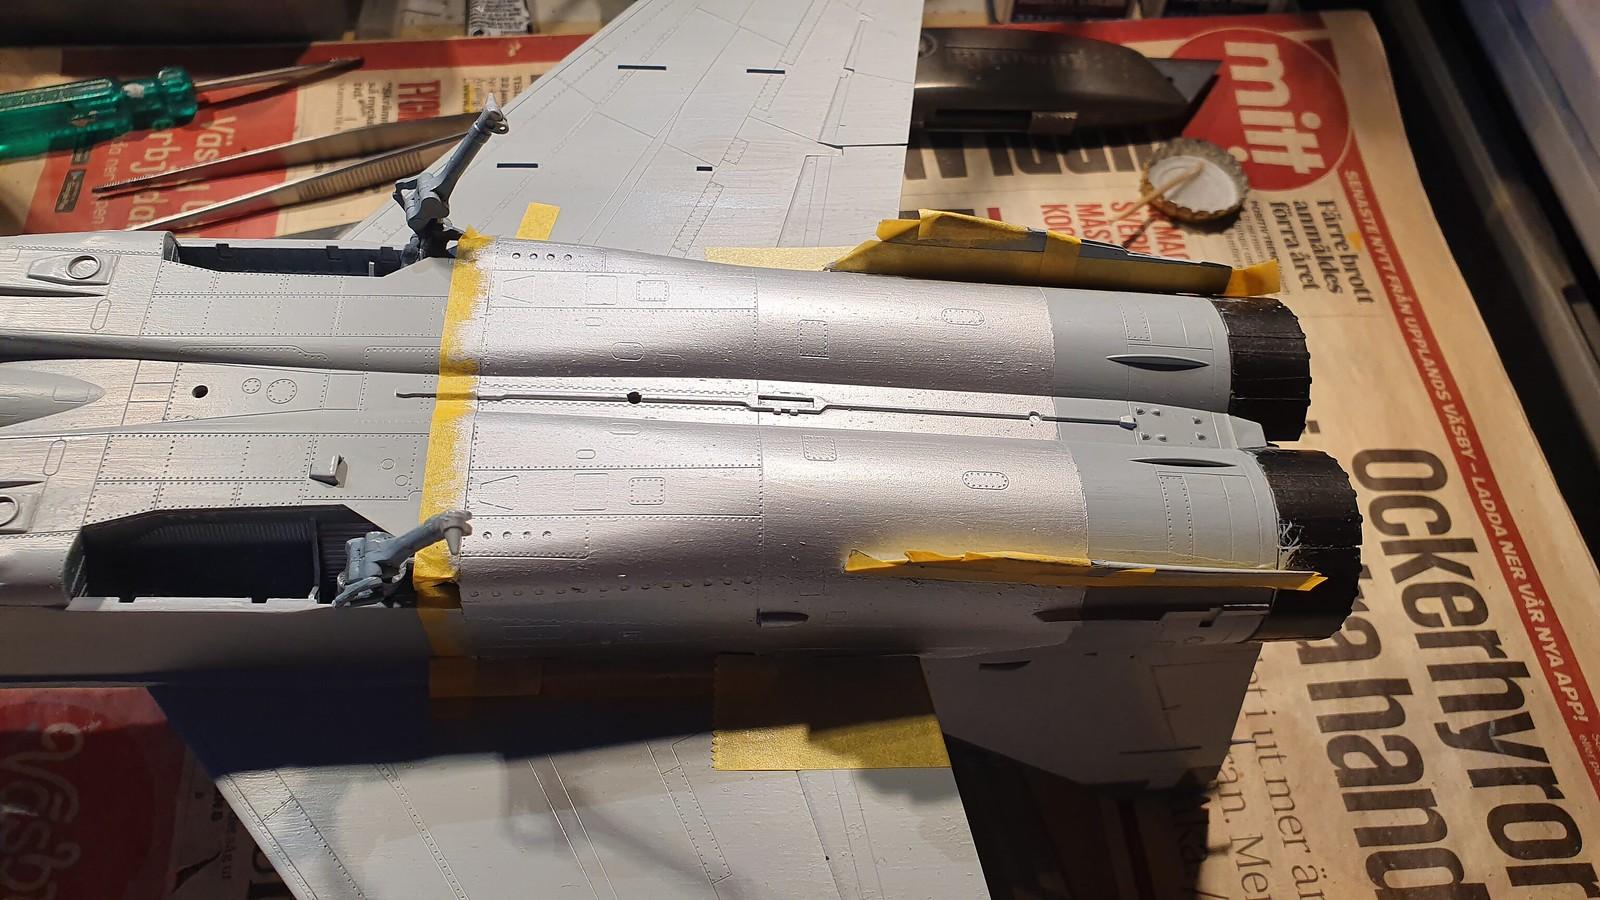 MiG-25BM Iraqi Air Force 1988 - ICM/Revell 1/48 + extra - Färdig! - Sida 7 48901683251_83351210f1_h